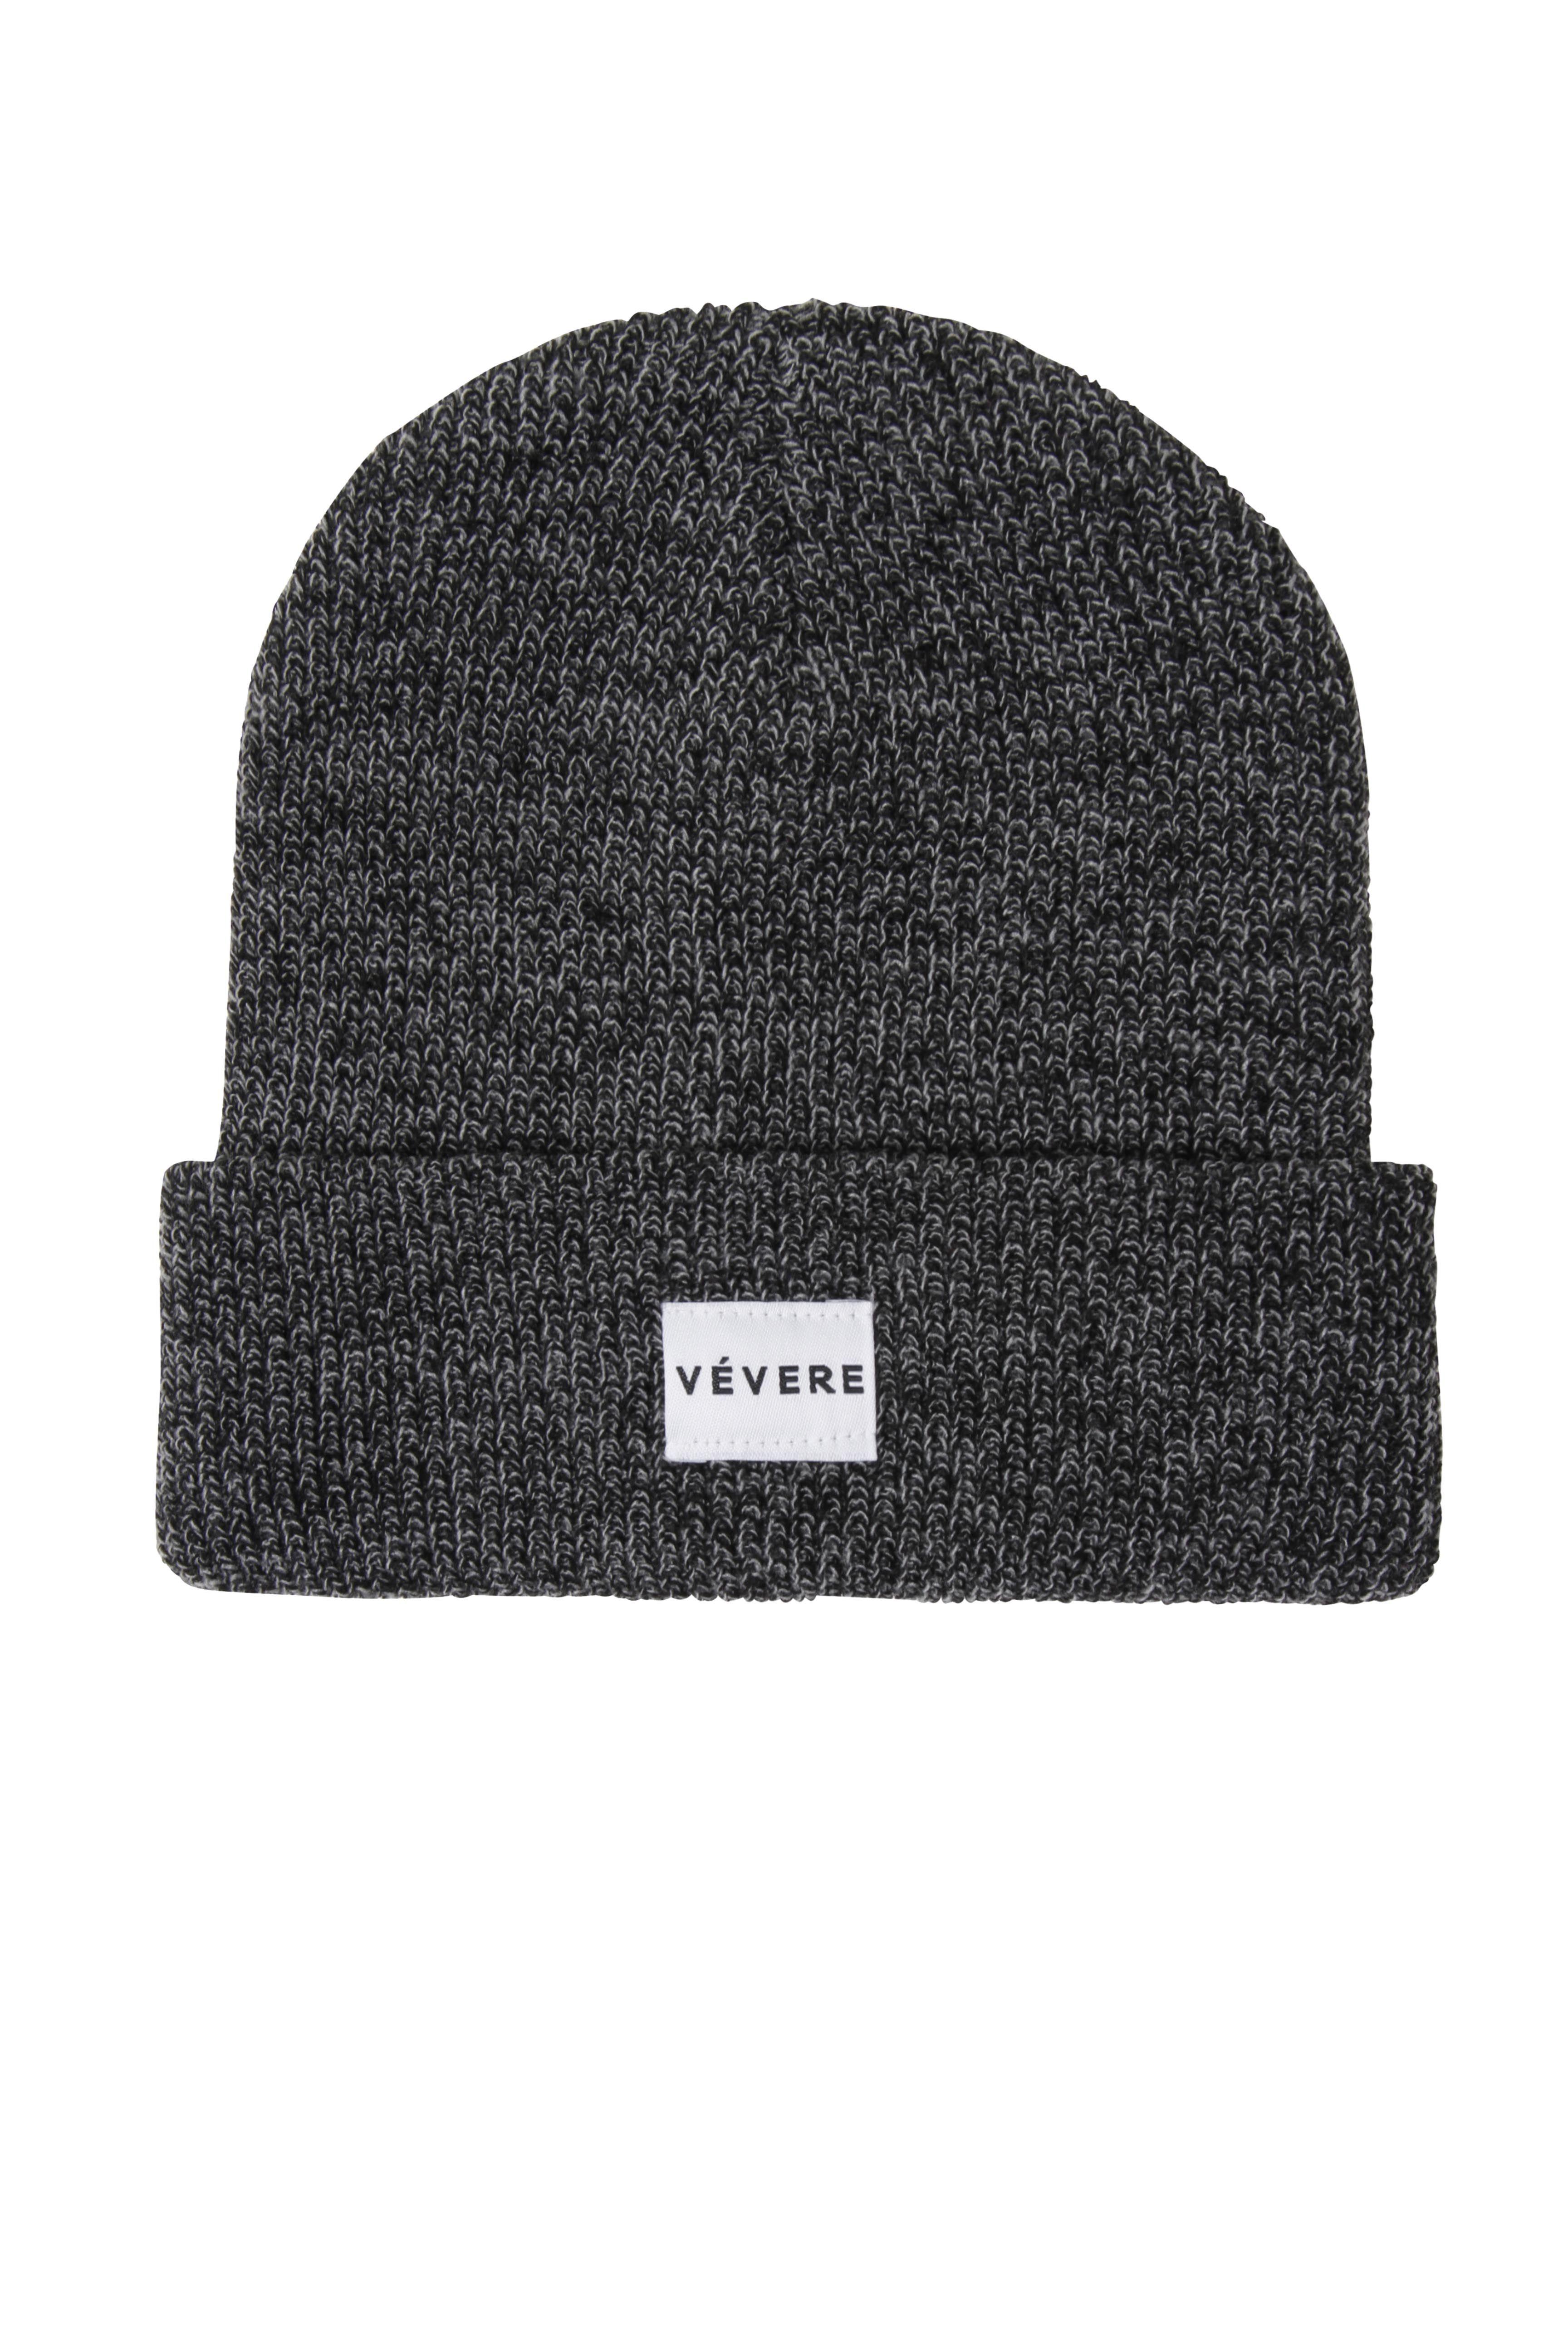 Vevere - Bruges Grey Beanie Hat  e1b24d7766d8